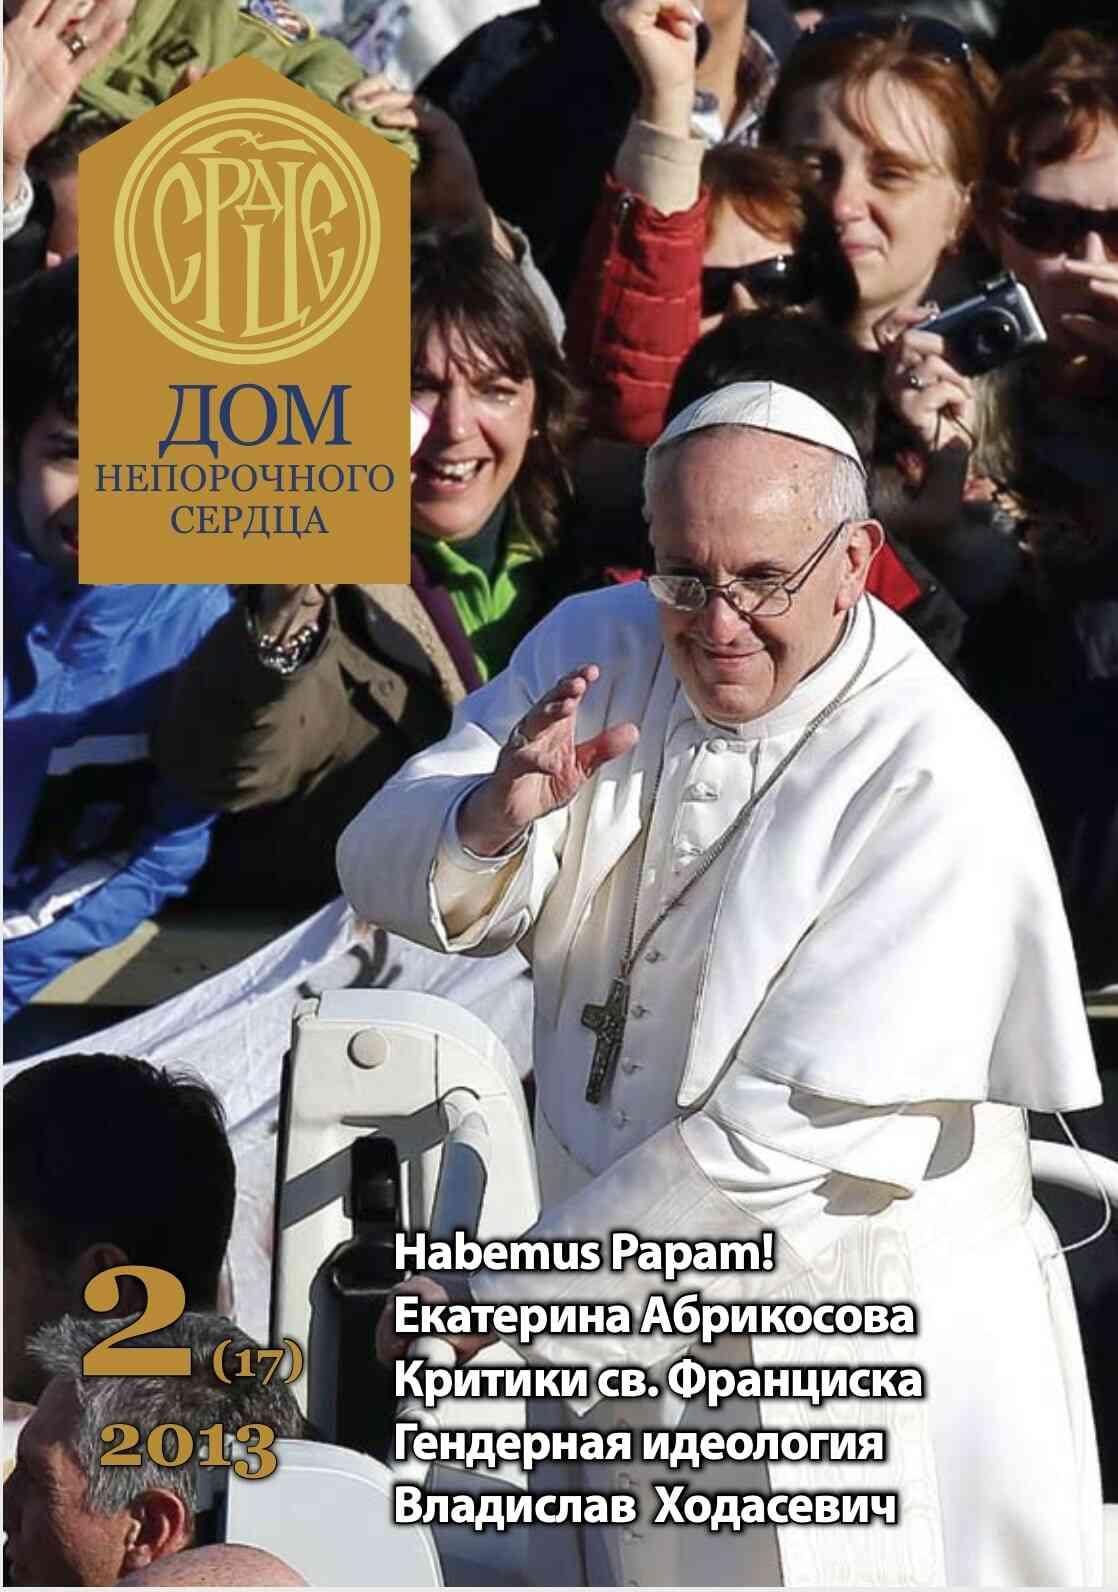 Журнал «Дом Непорочного Сердца» № 2 (17) 2013 год